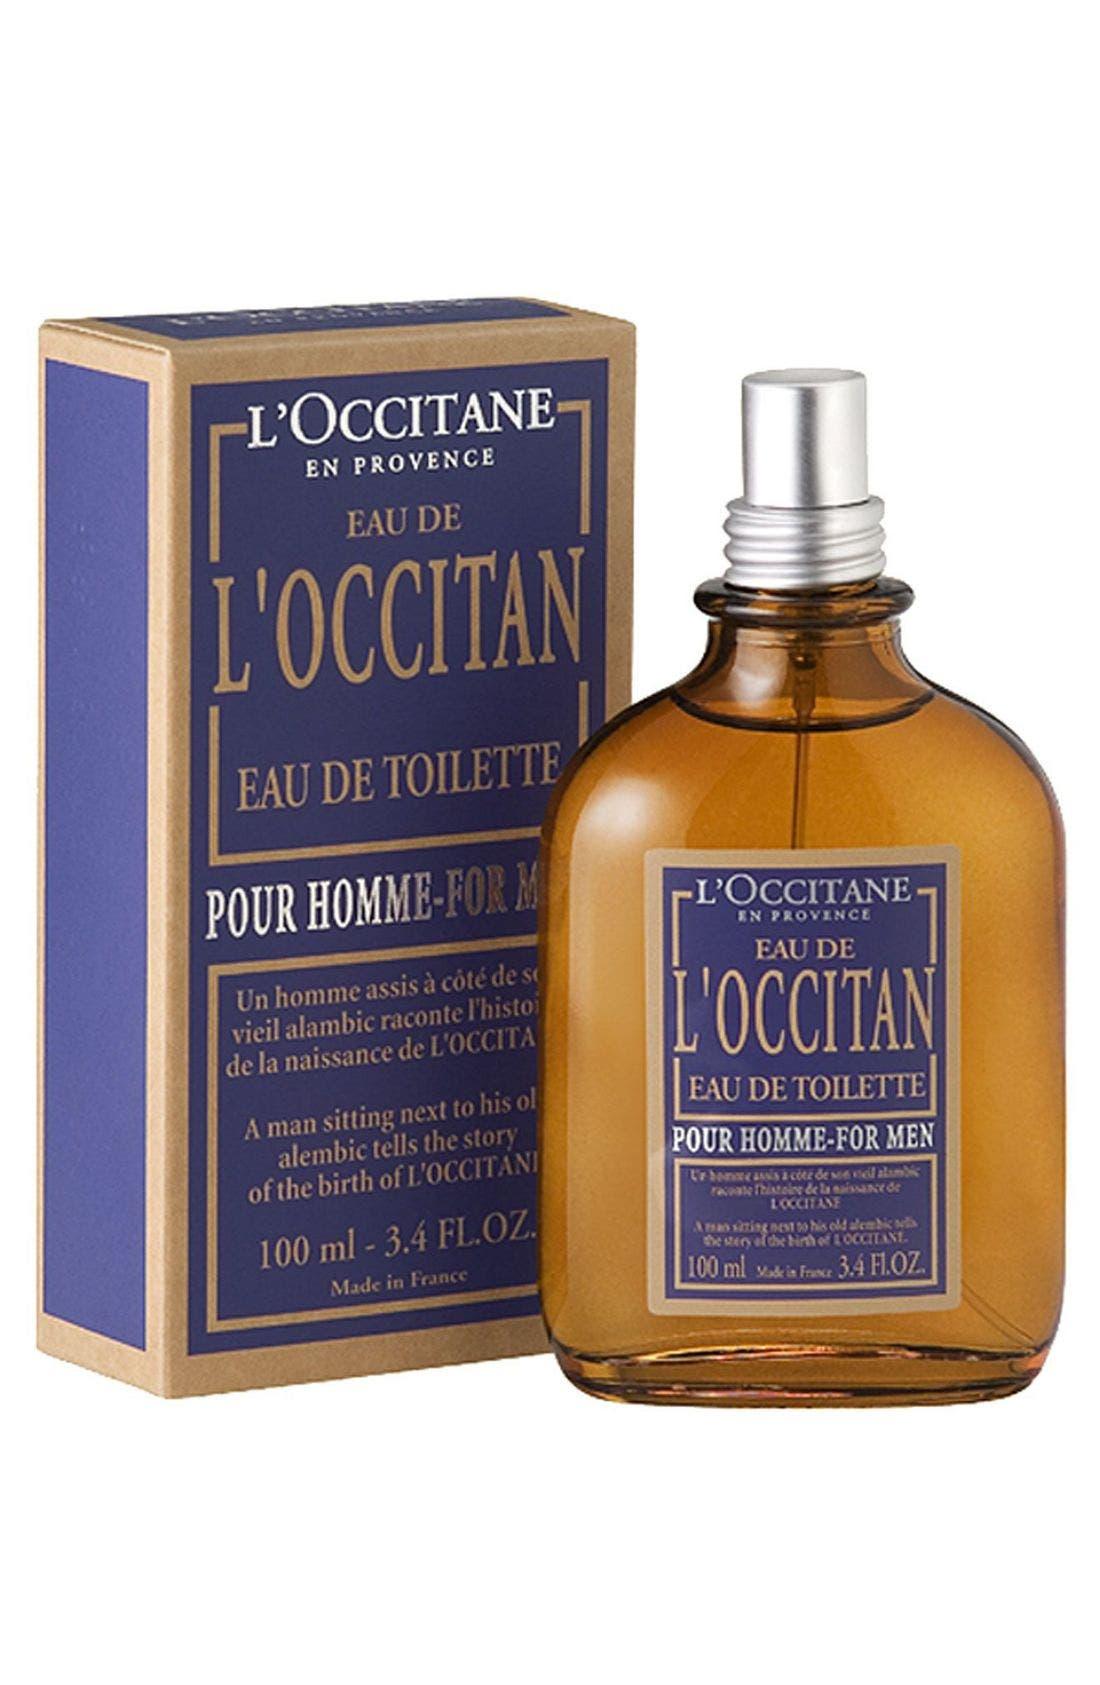 L'Occitane 'Pour Homme - L'Occitan' Eau de Toilette